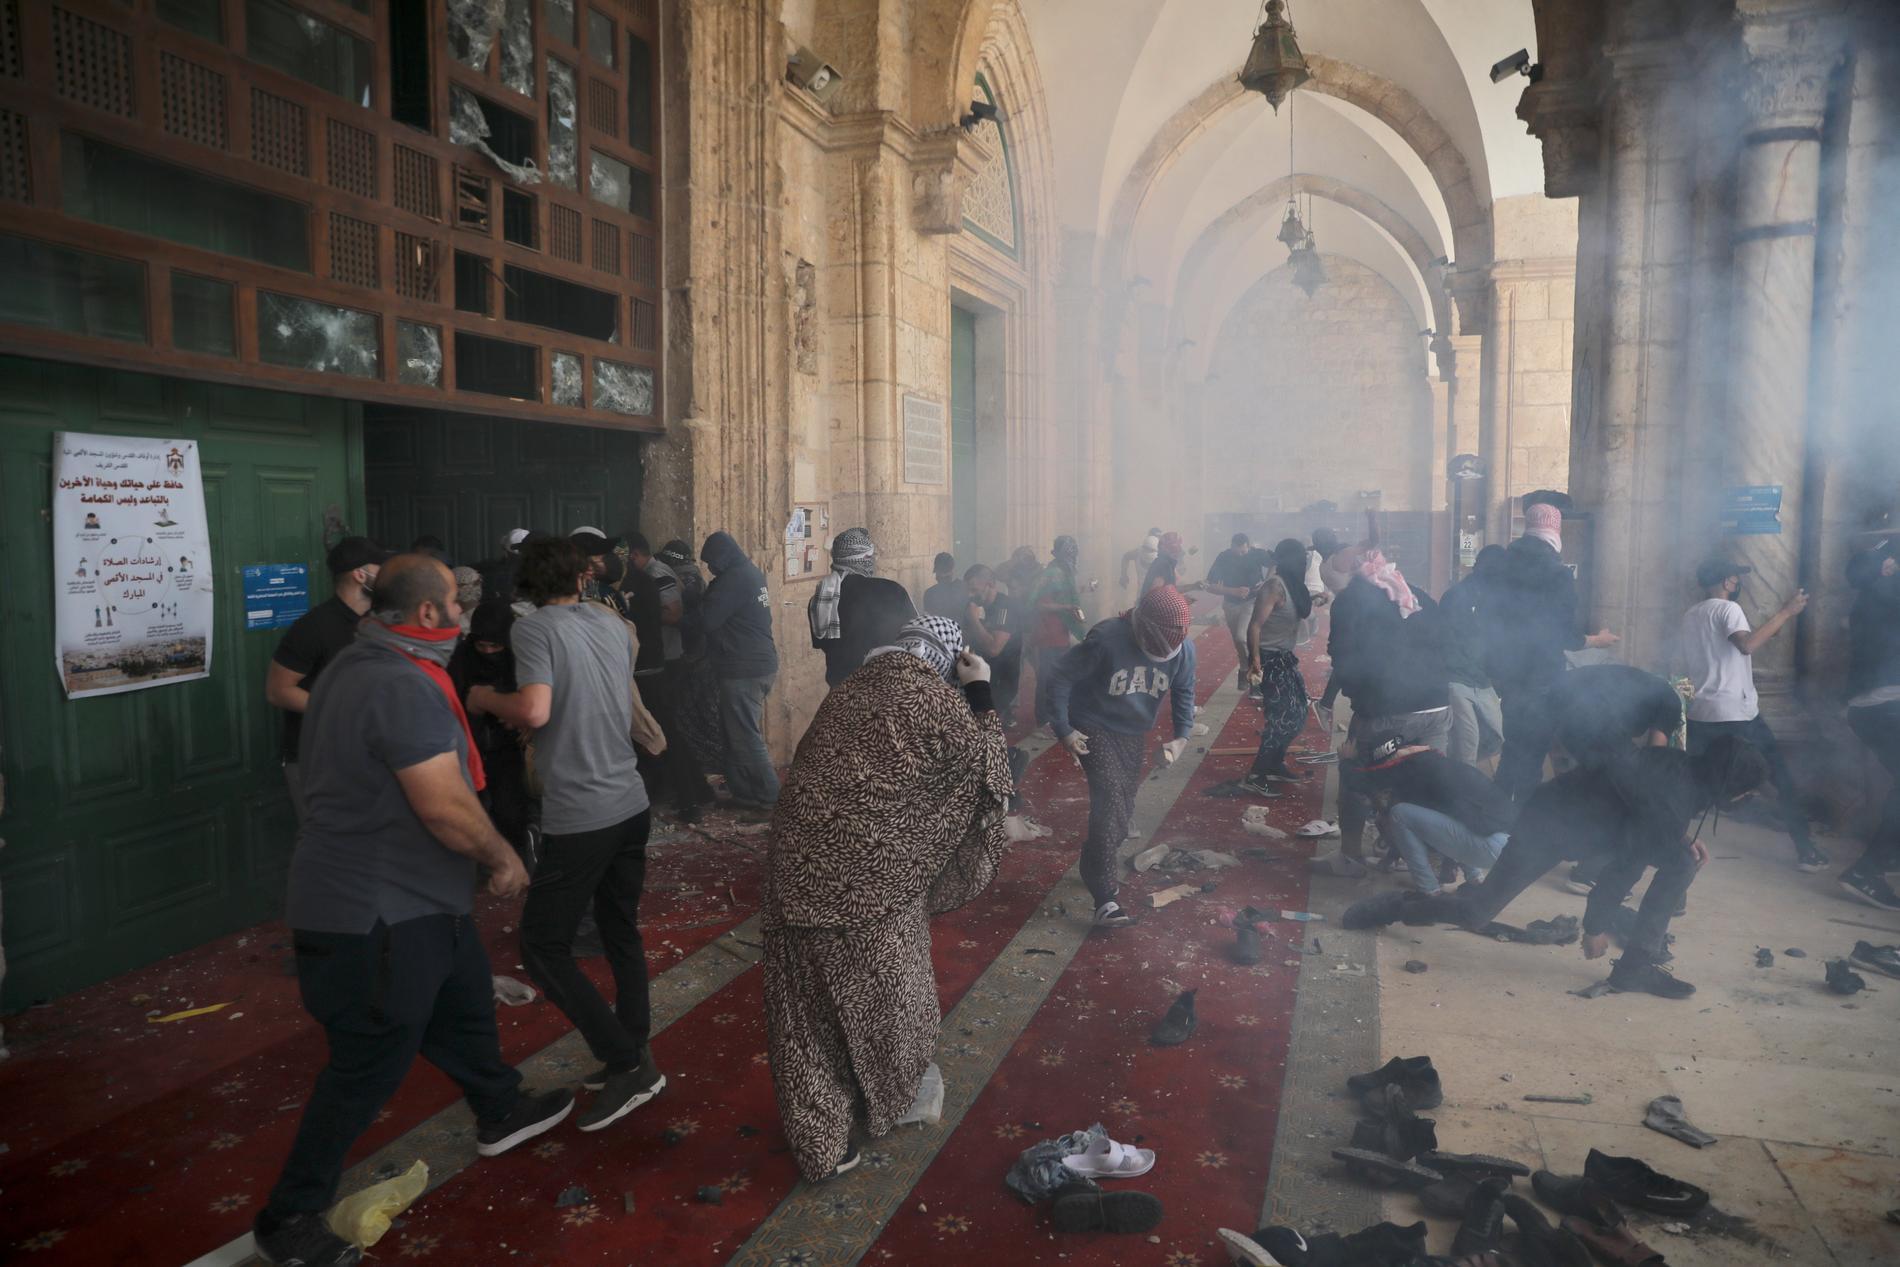 Palestinier under sammandrabbningar med israeliska säkerhetsstyrkor vid al-Aqsamoskén i måndags.